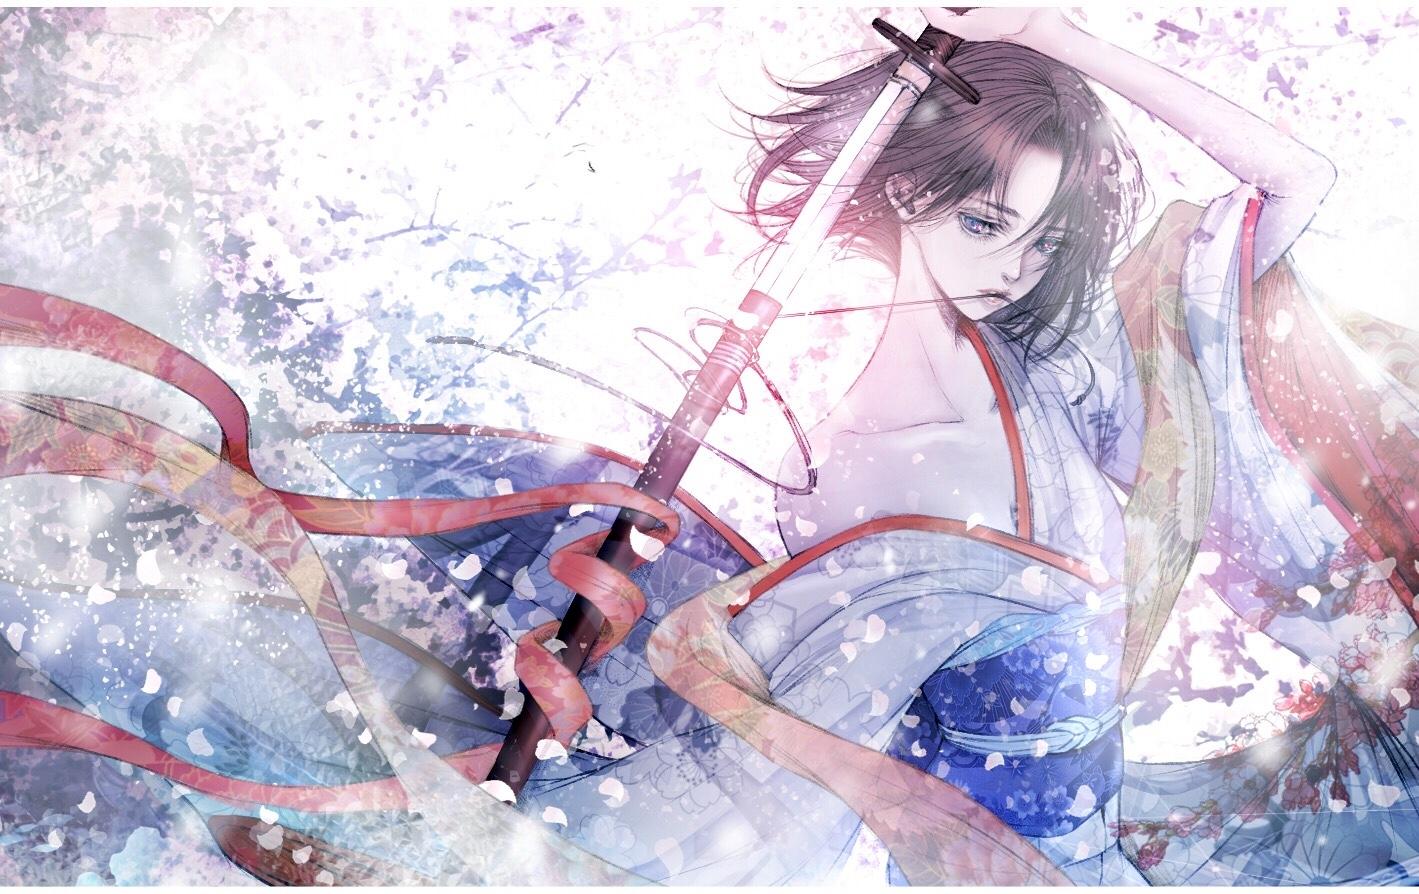 japanese_clothes kara_no_kyoukai katana kimono ryougi_shiki satsuki_kei sketch sword weapon